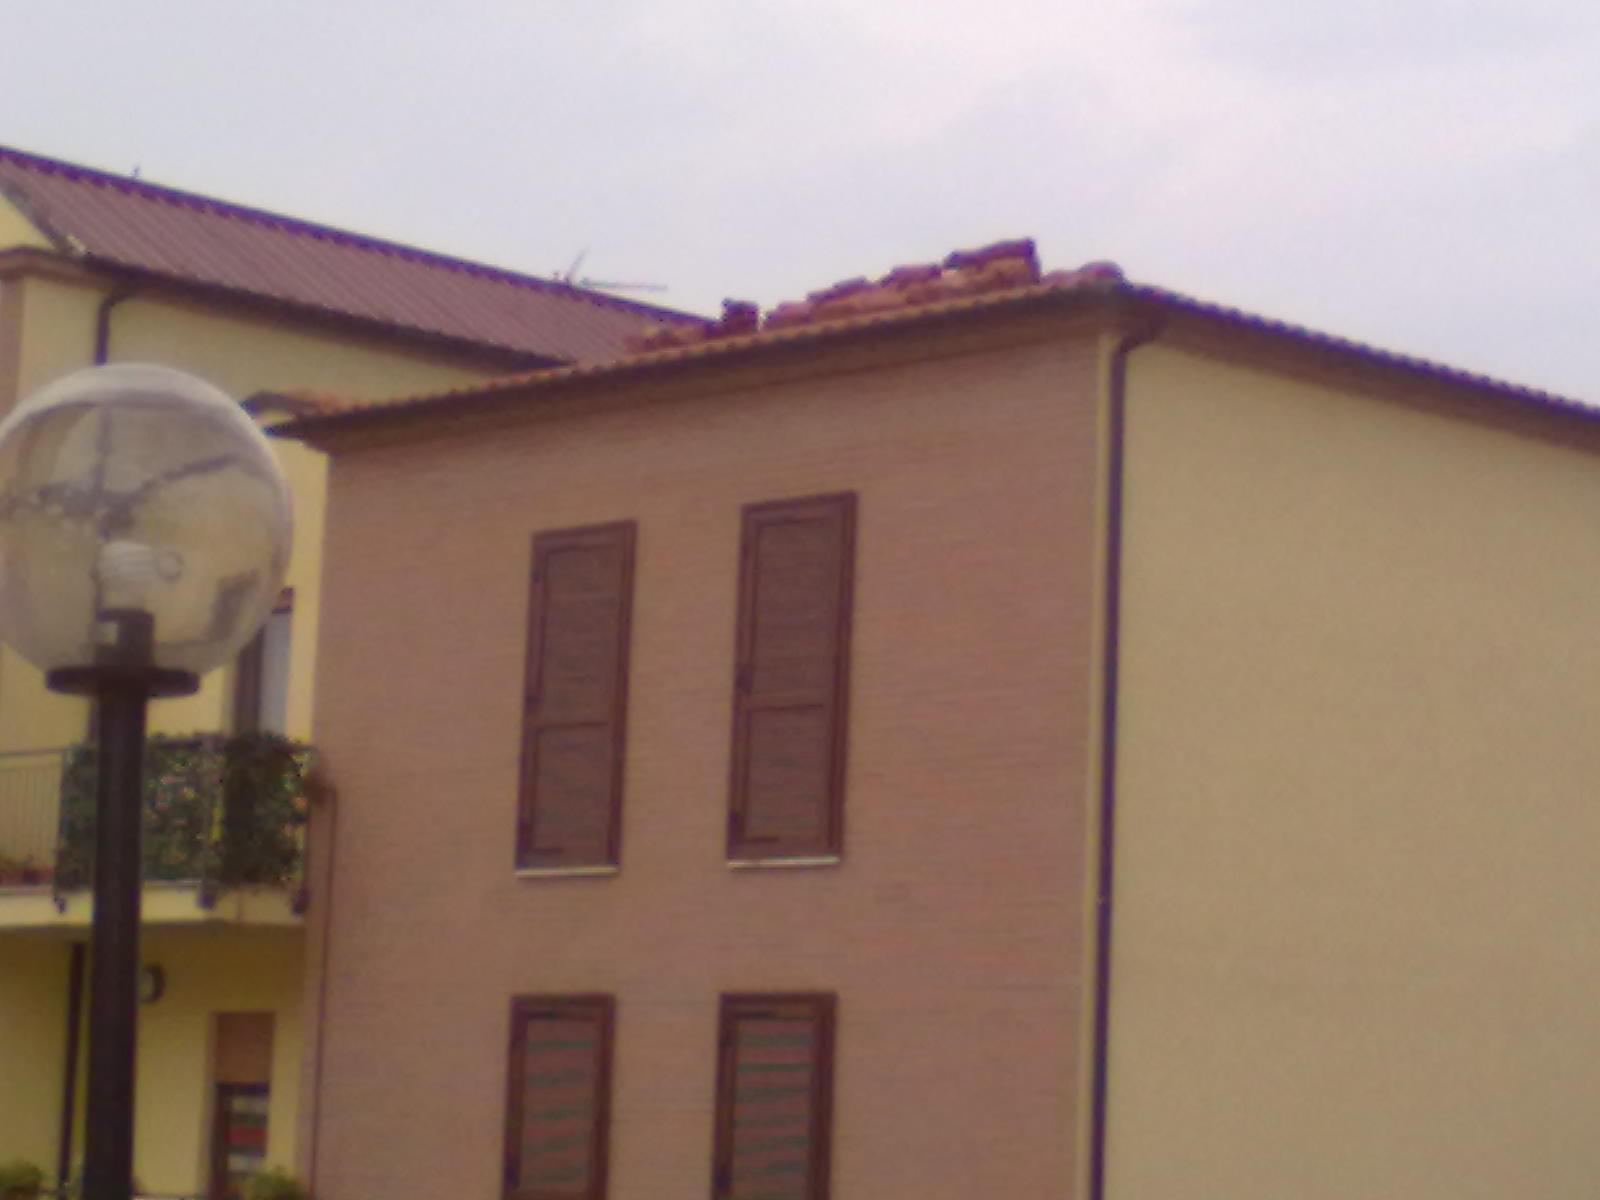 Particolare tegole appoggiate sul tetto 2